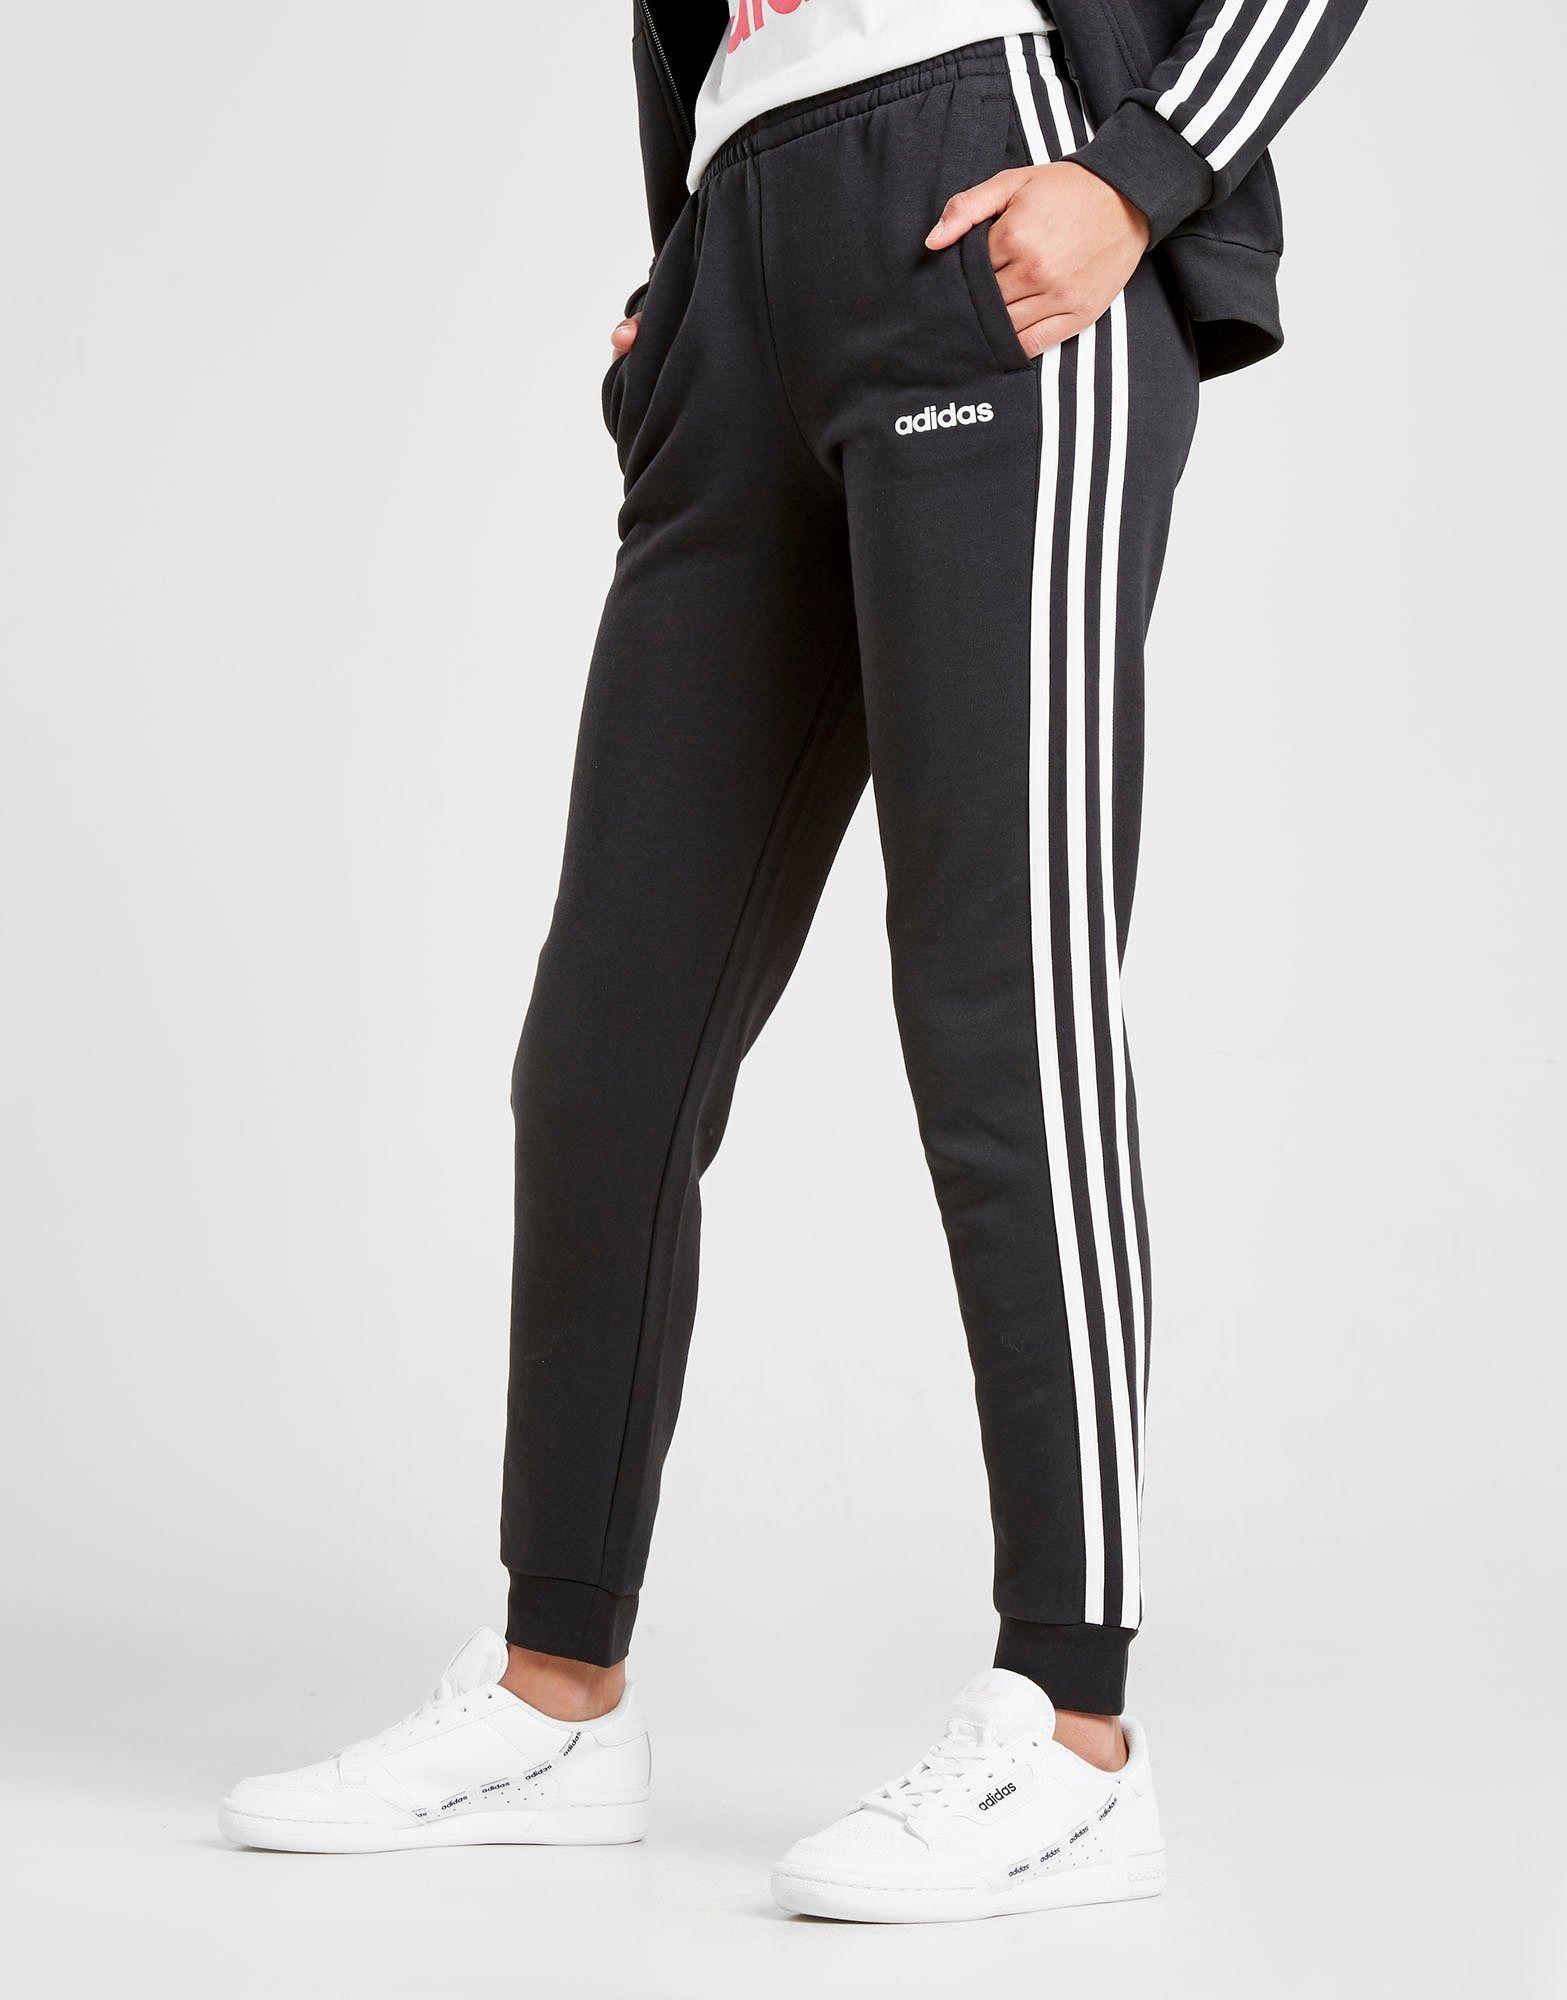 adidas sportswear junior